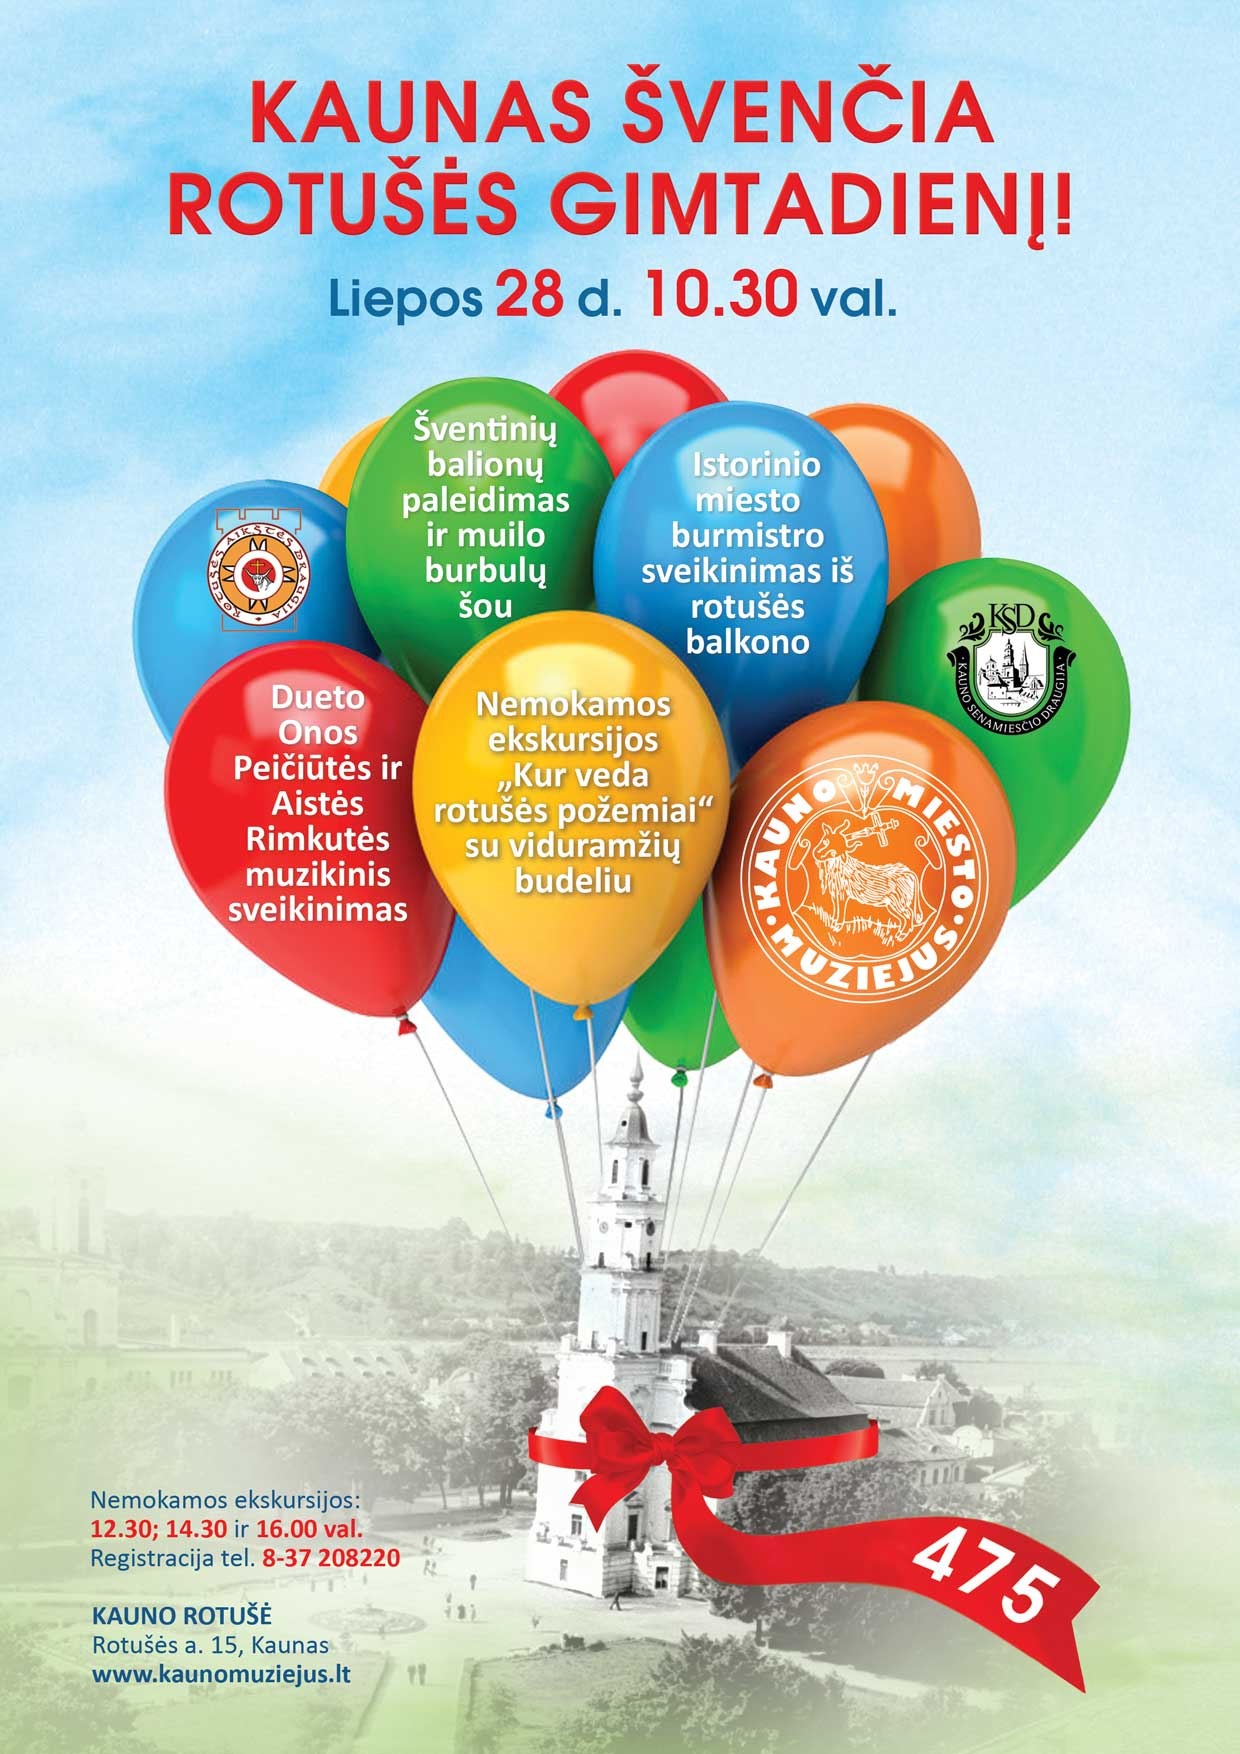 Visi kviečiami į Kauno rotušės gimtadienį 2017 m. liepos 28 d.